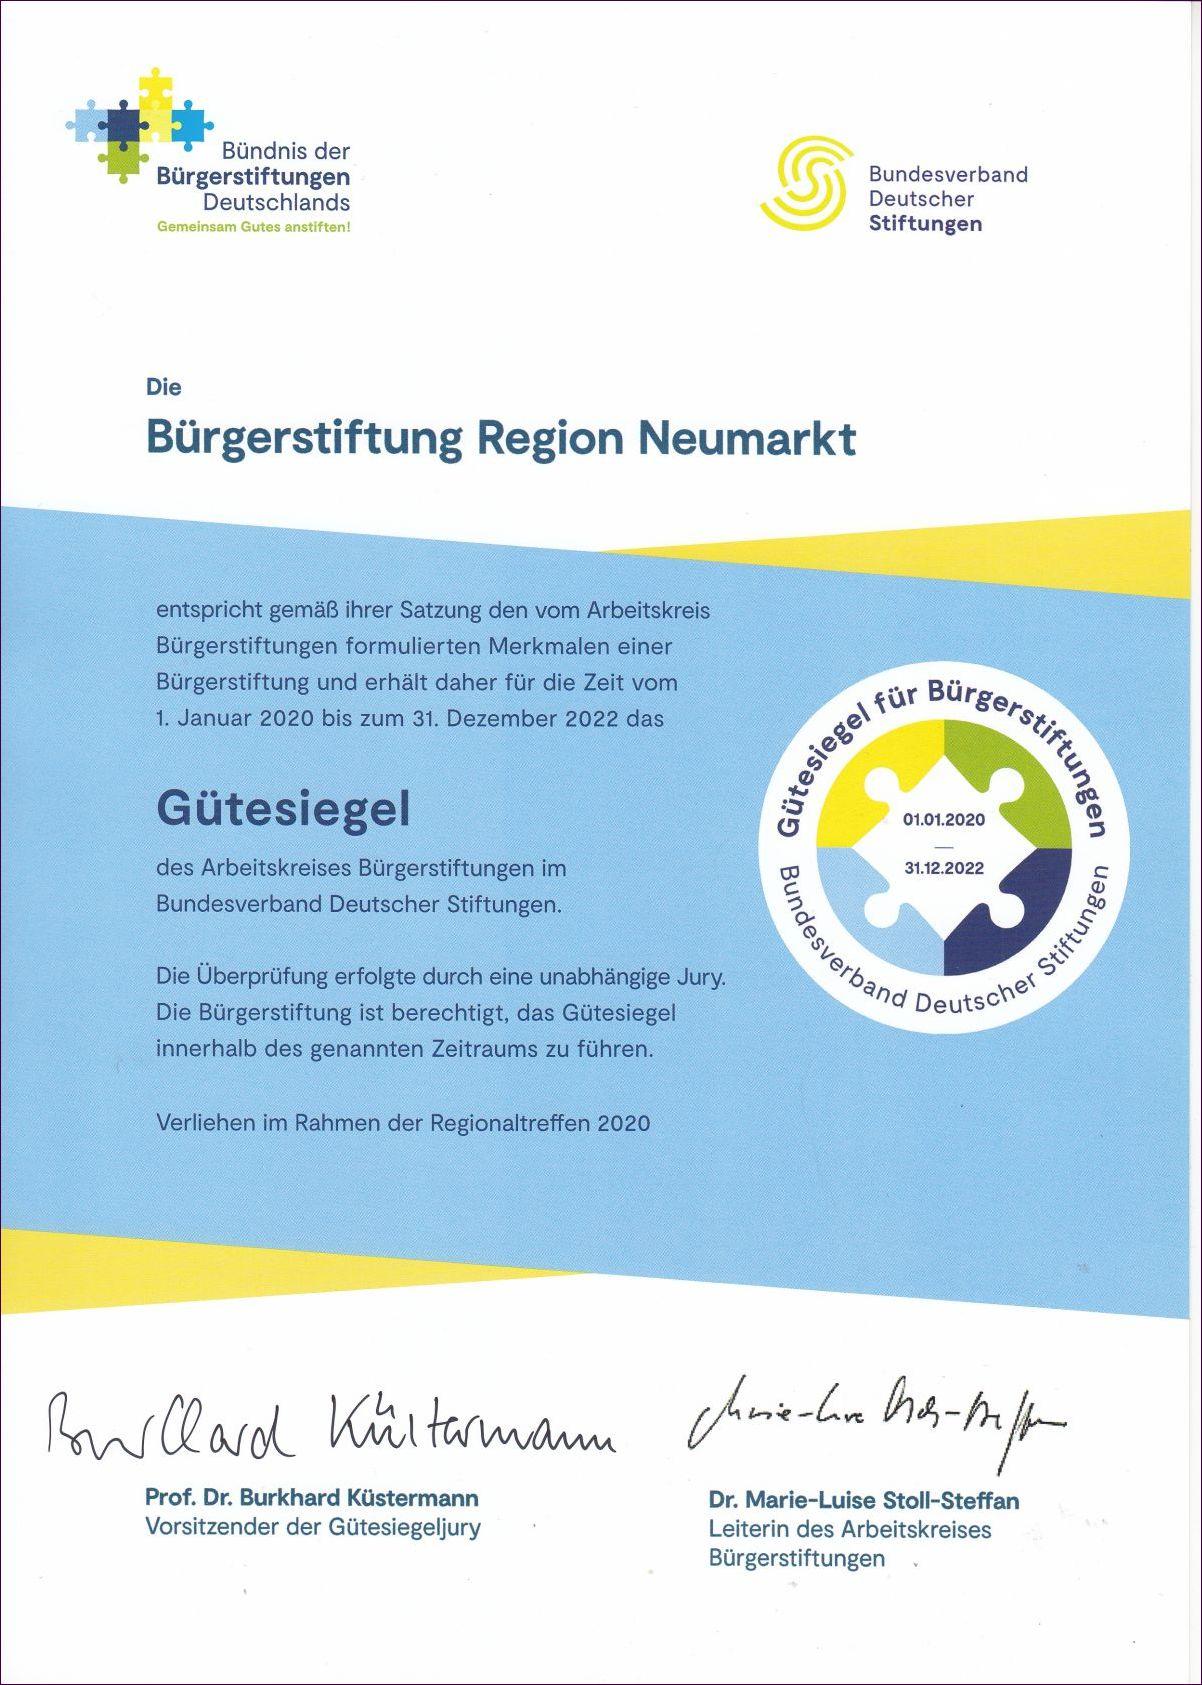 2020-2022 Gütesiegel des Bundesverbands Deutscher Stiftungen